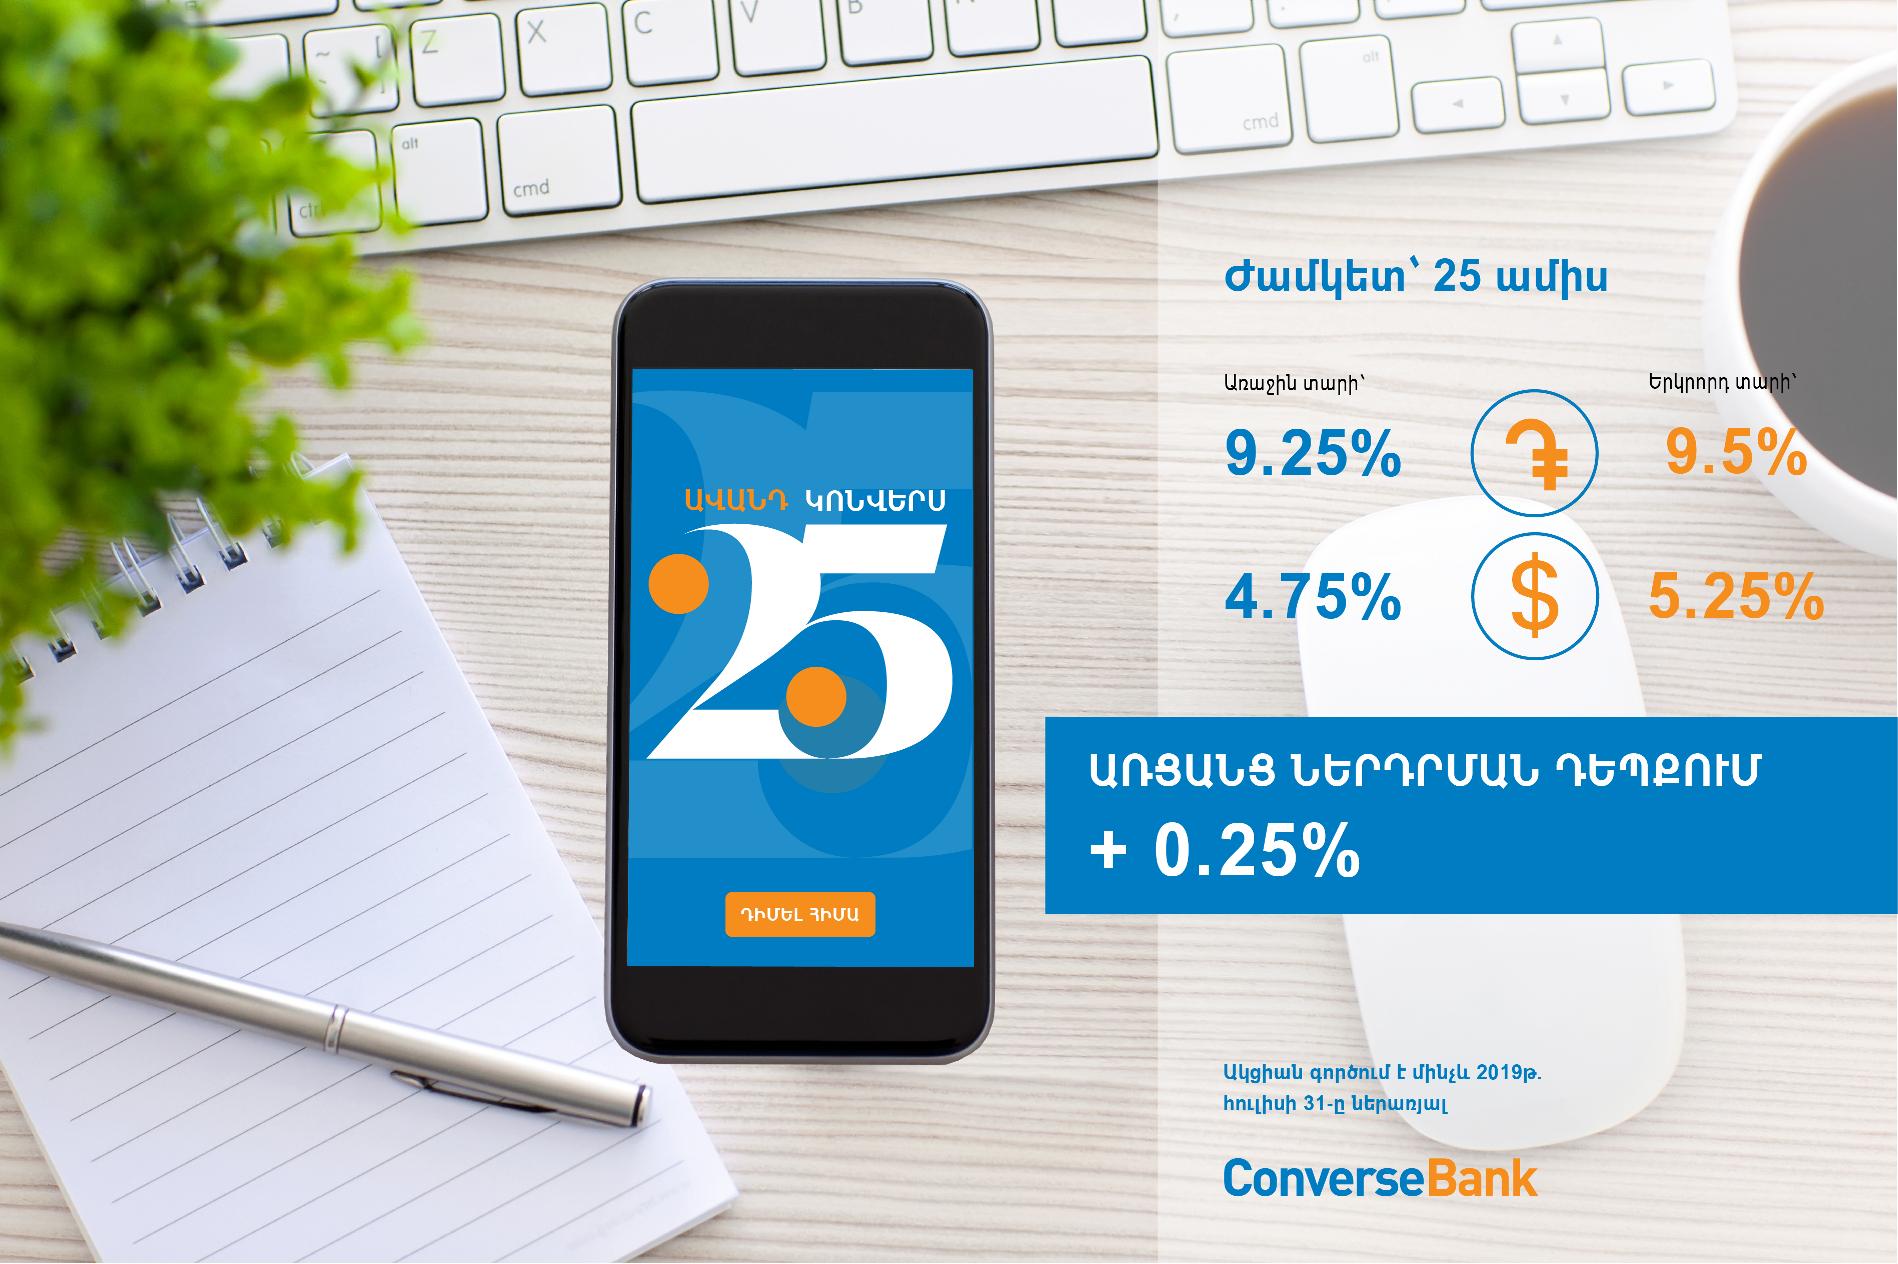 """Конверс Банк. Условия депозита """"Конверс 25"""" стали более выгодными"""